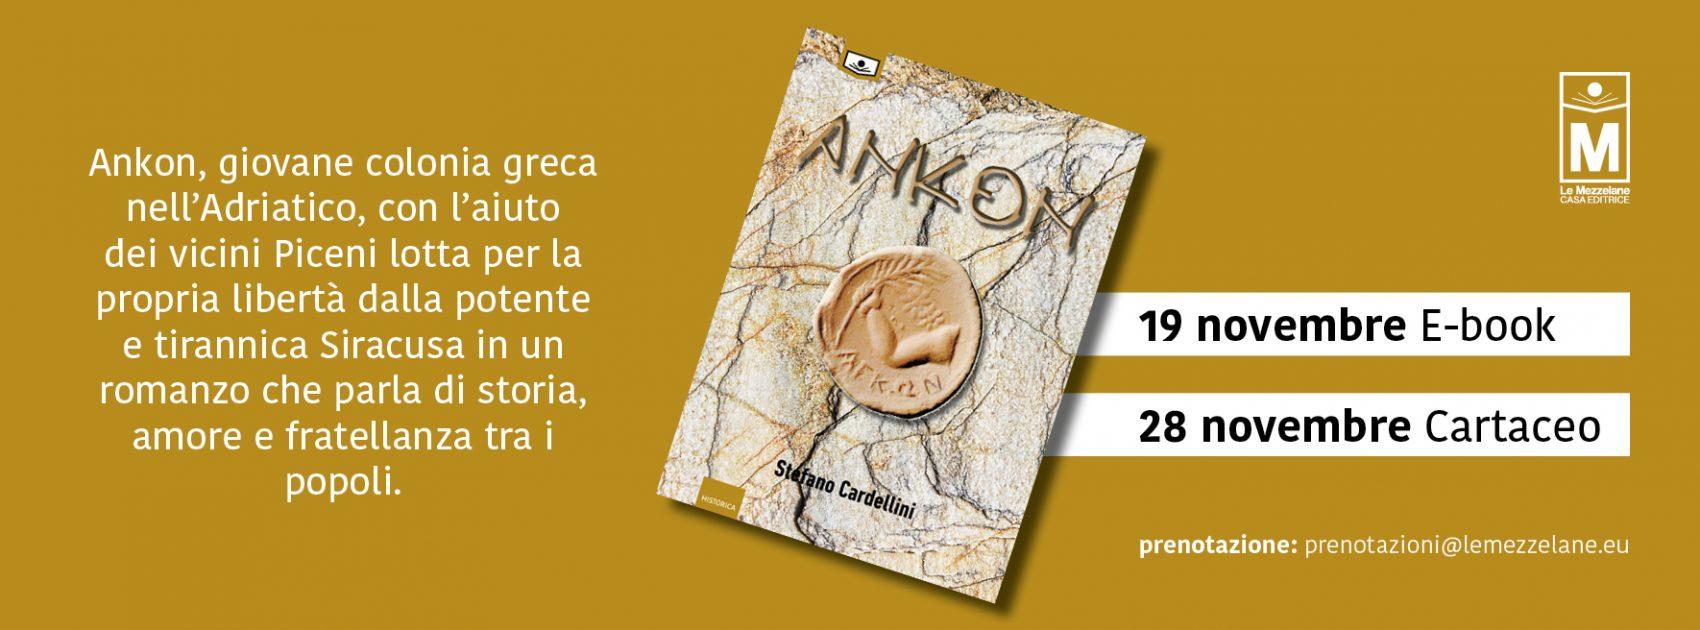 Ankon, giovane colonia greca nell'Adriatico, con l'aiuto dei vicini Piceni lotta per la propria libertà dalla potente e tirannica Siracusa in un romanzo che parla di storia, amore e fratellanza tra i popoli.